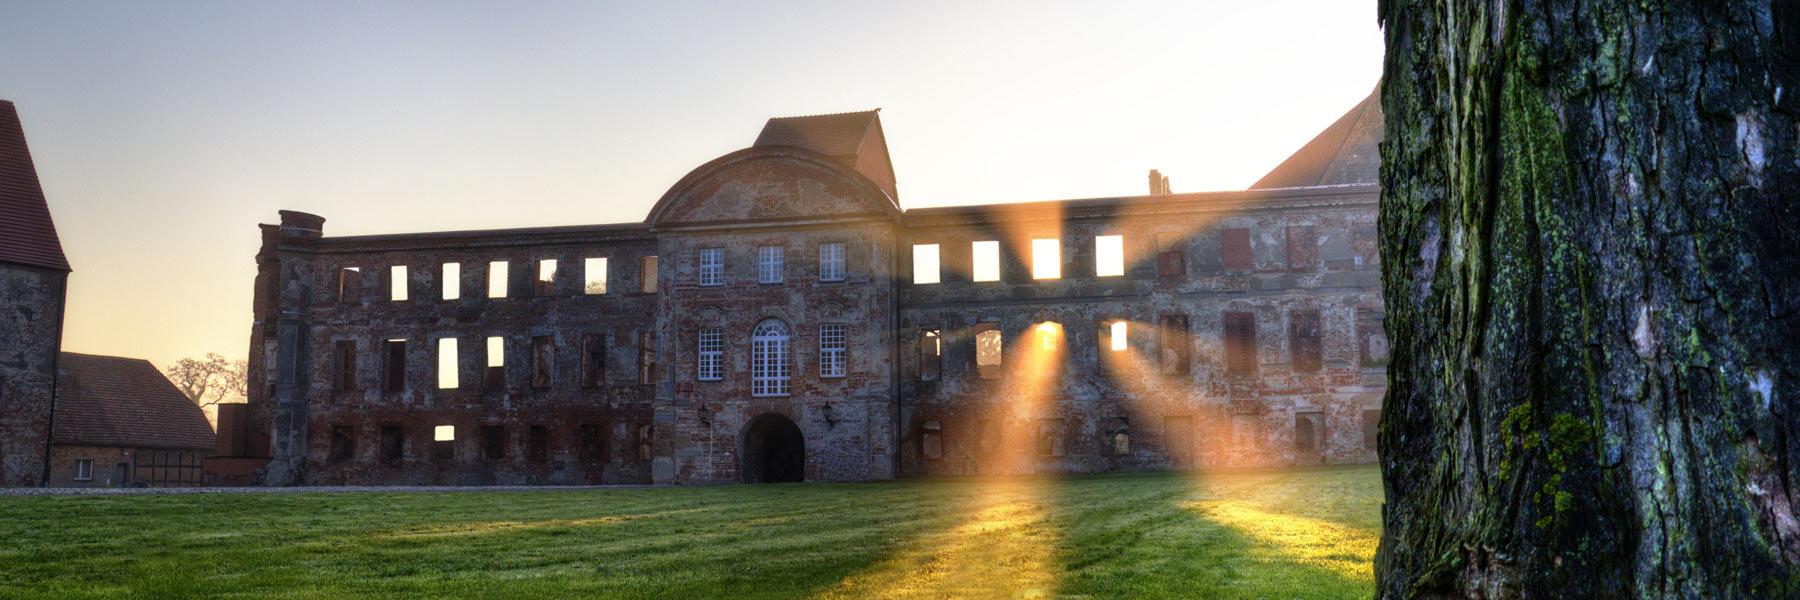 Kloster-Schlossanlage - Stadt Dargun